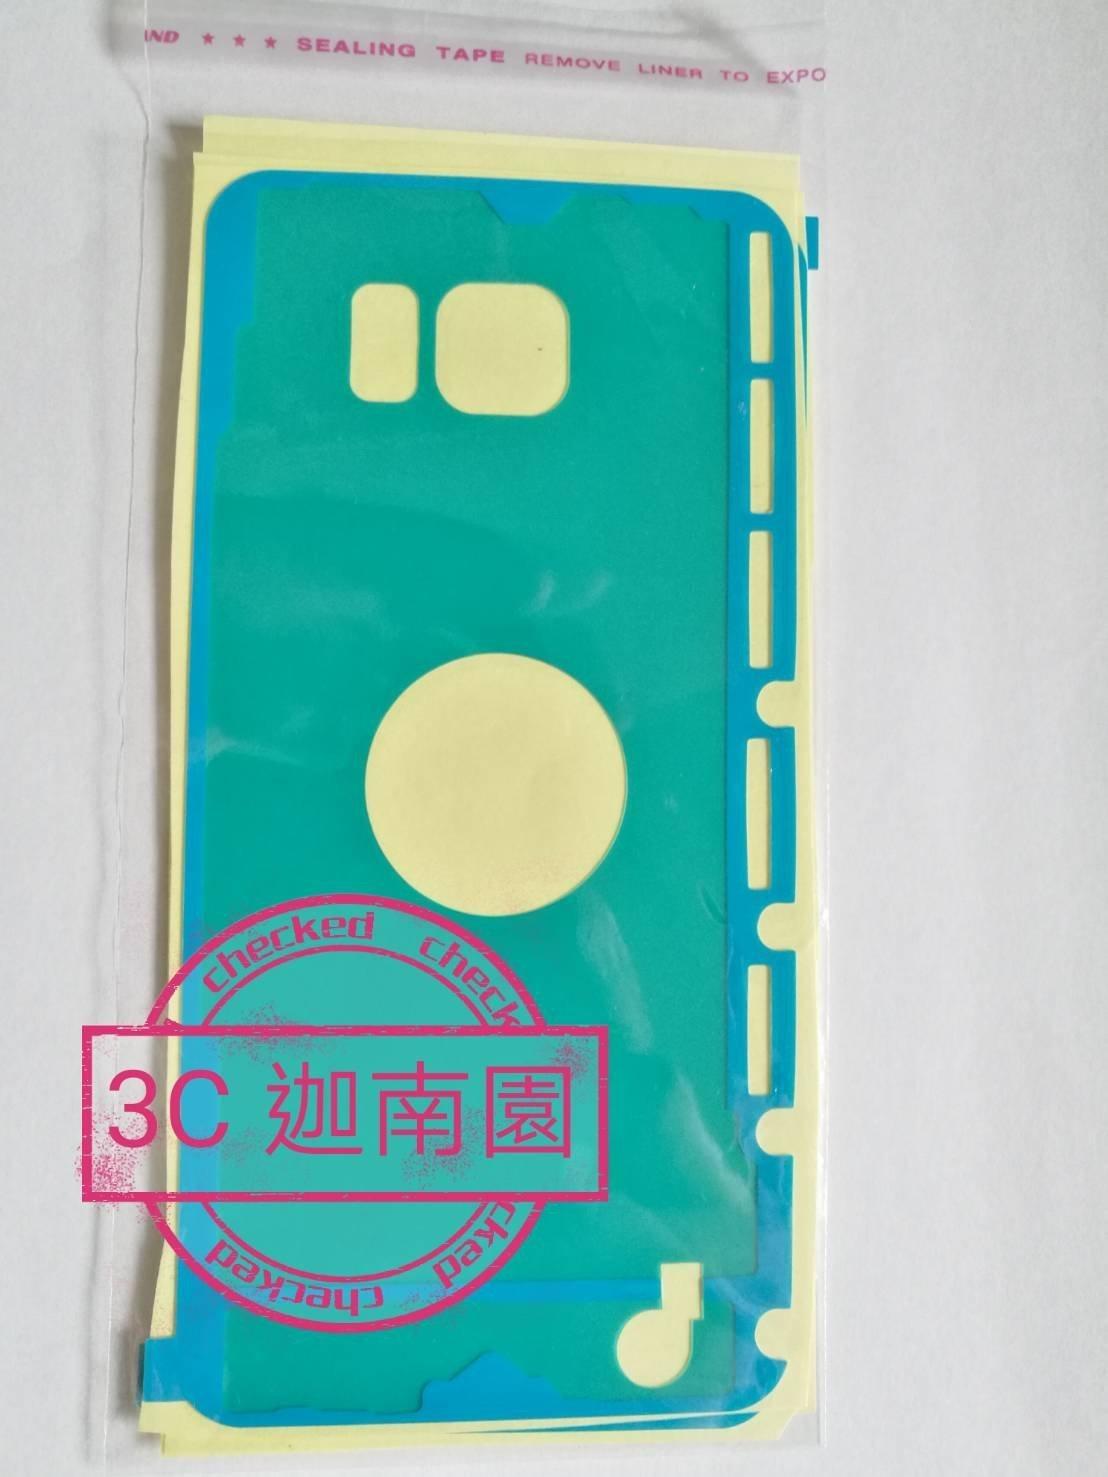 【3M IP防水級】Samsung Galaxy Note 5 原廠背蓋膠 背膠 背蓋黏膠 電池蓋 背蓋 防水膠條